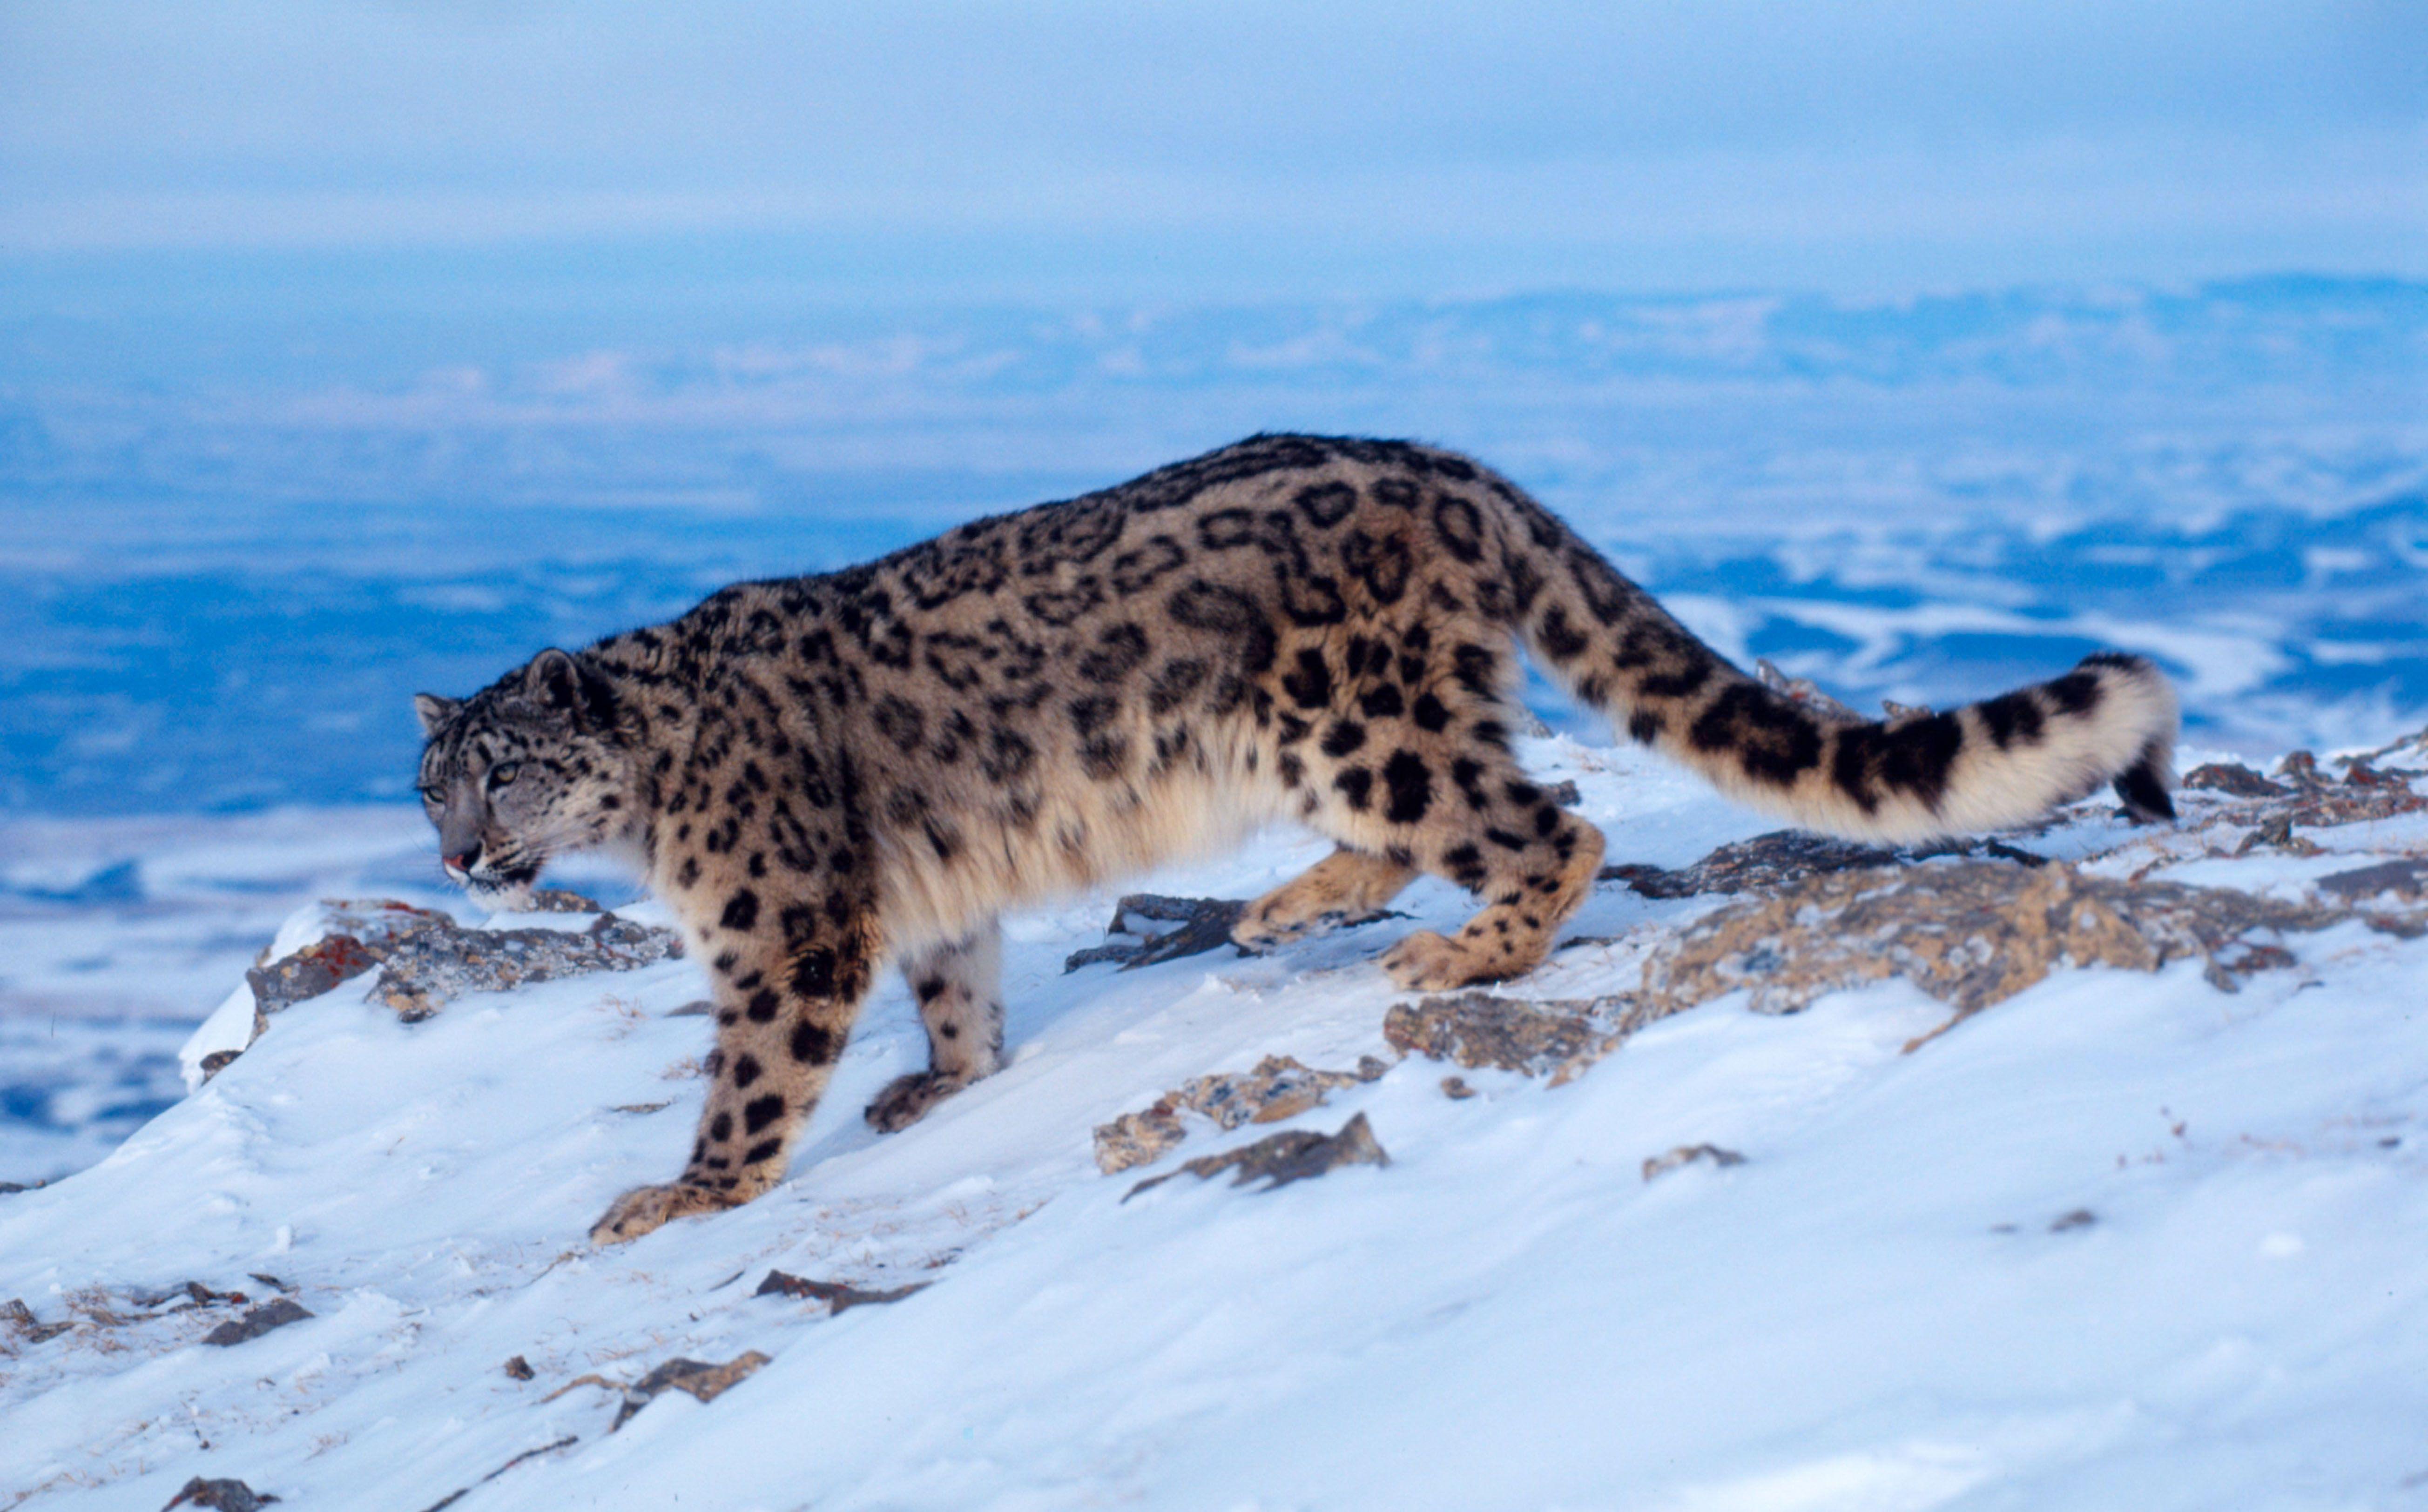 Un leopardo de las nieves en invierno. Foto: Klein & Hubert / WWF